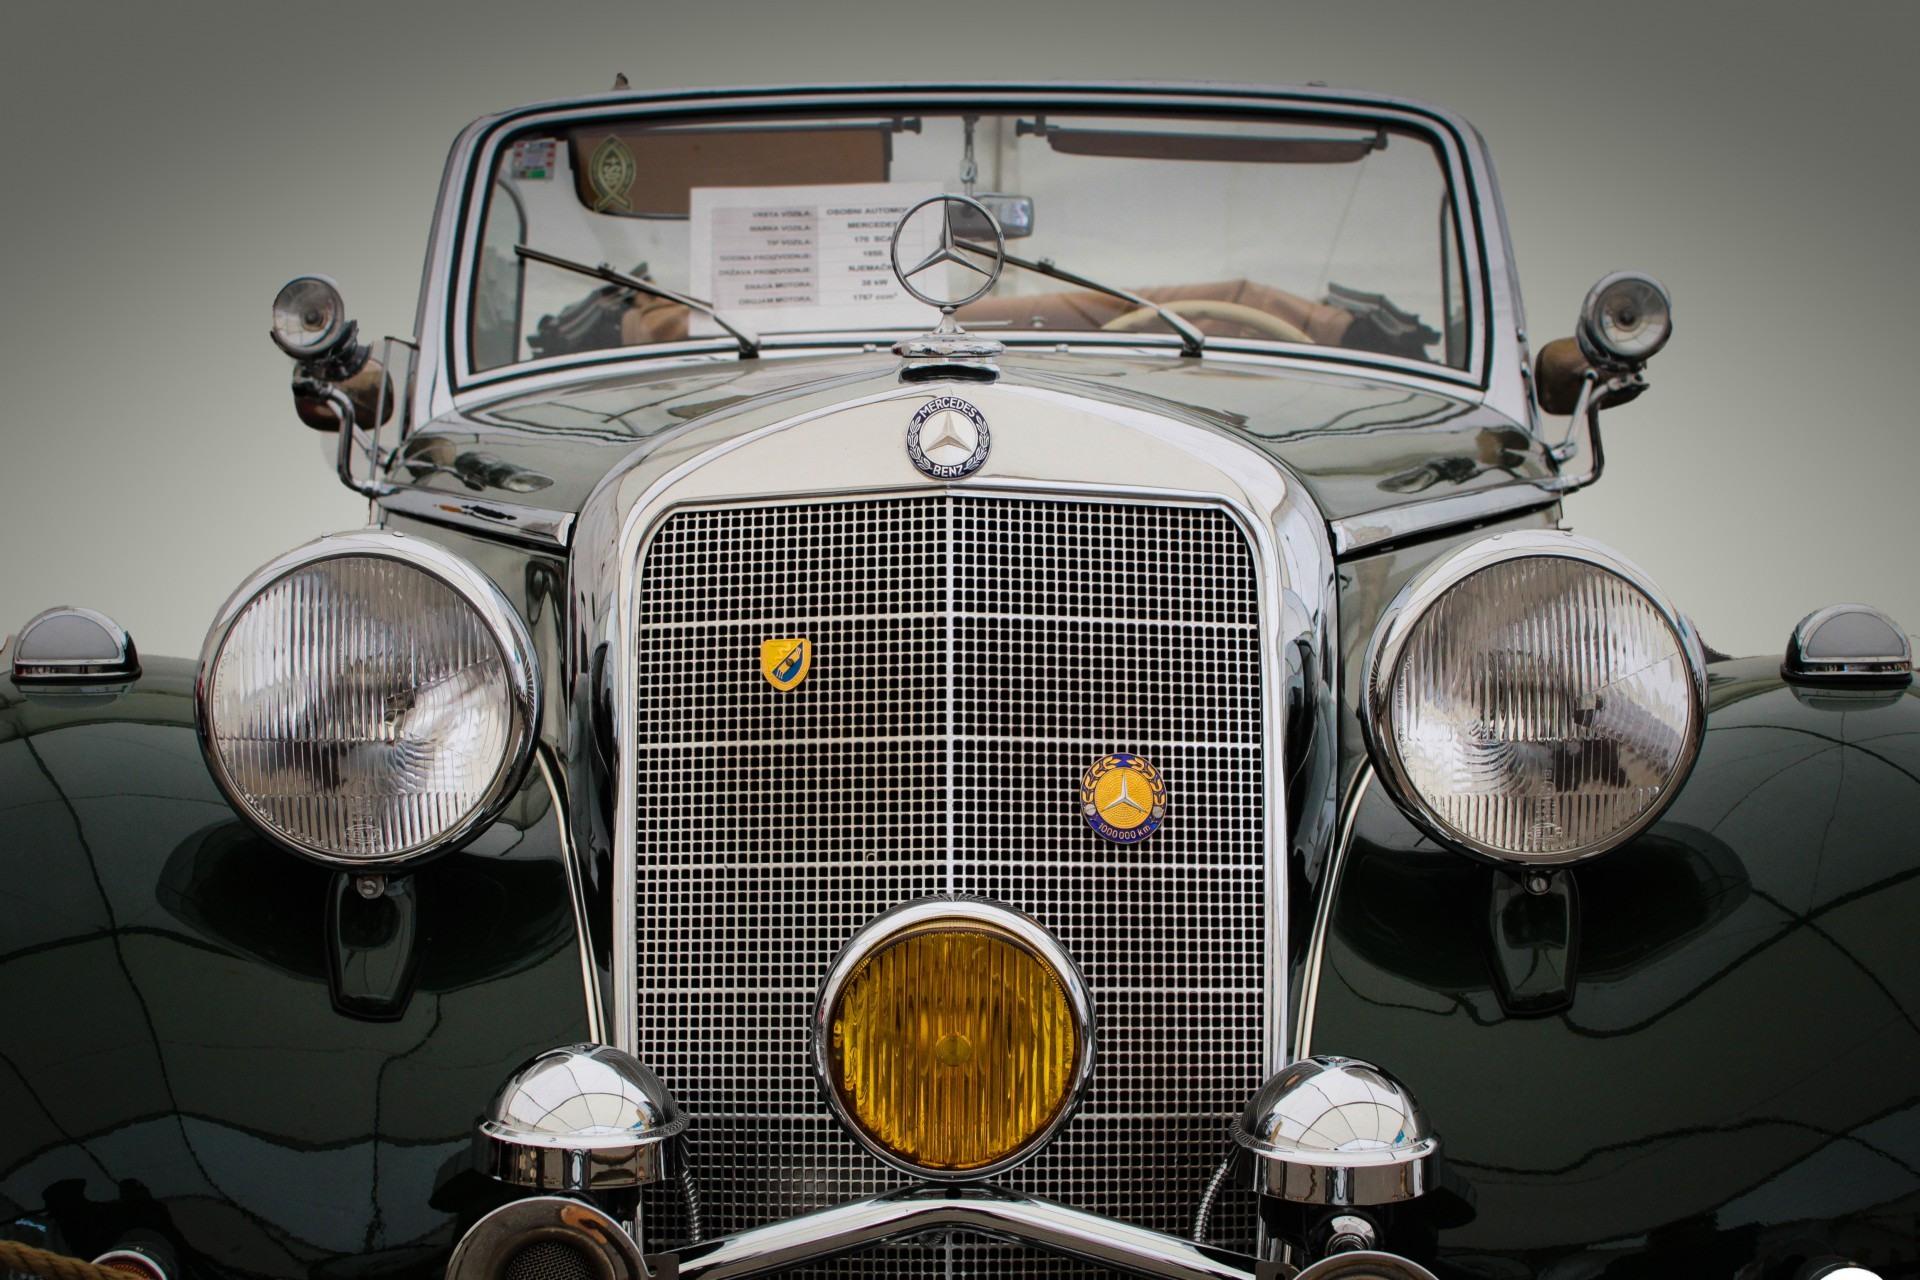 Światła w starych samochodach